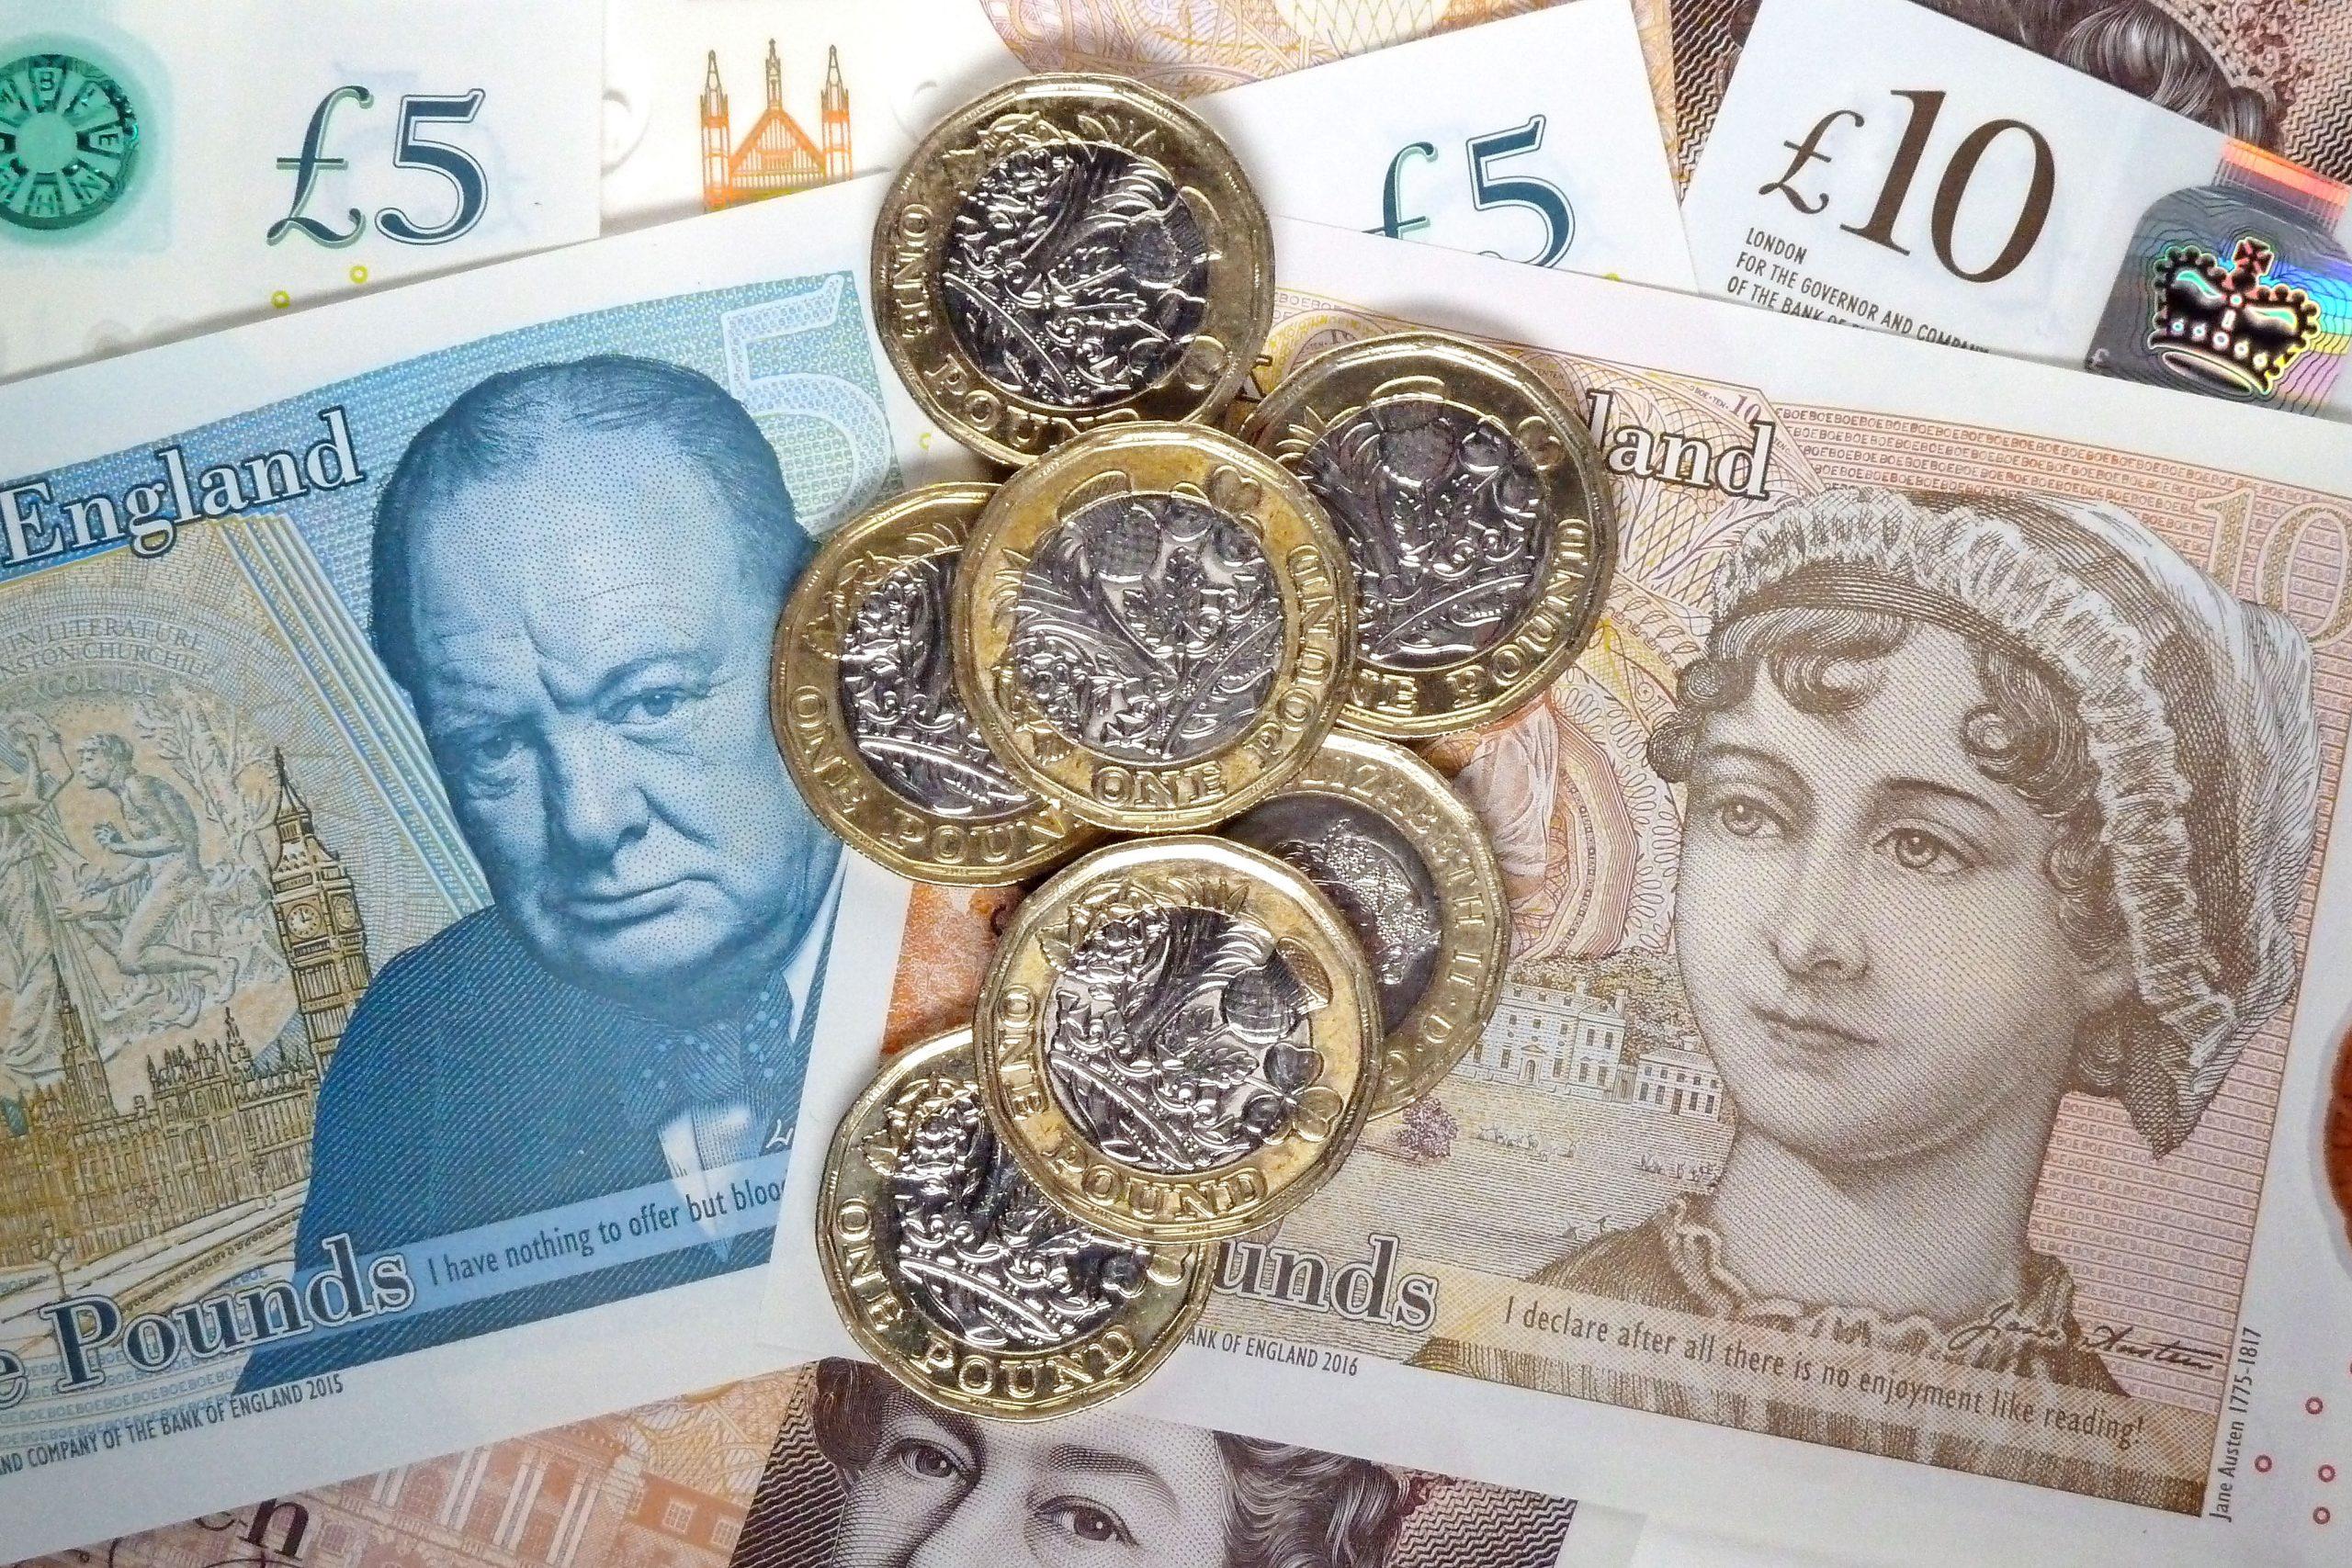 Gros plan sur les nouveaux billets de 5 et 10 livres sterling et sur la pièce de monnaie britannique.